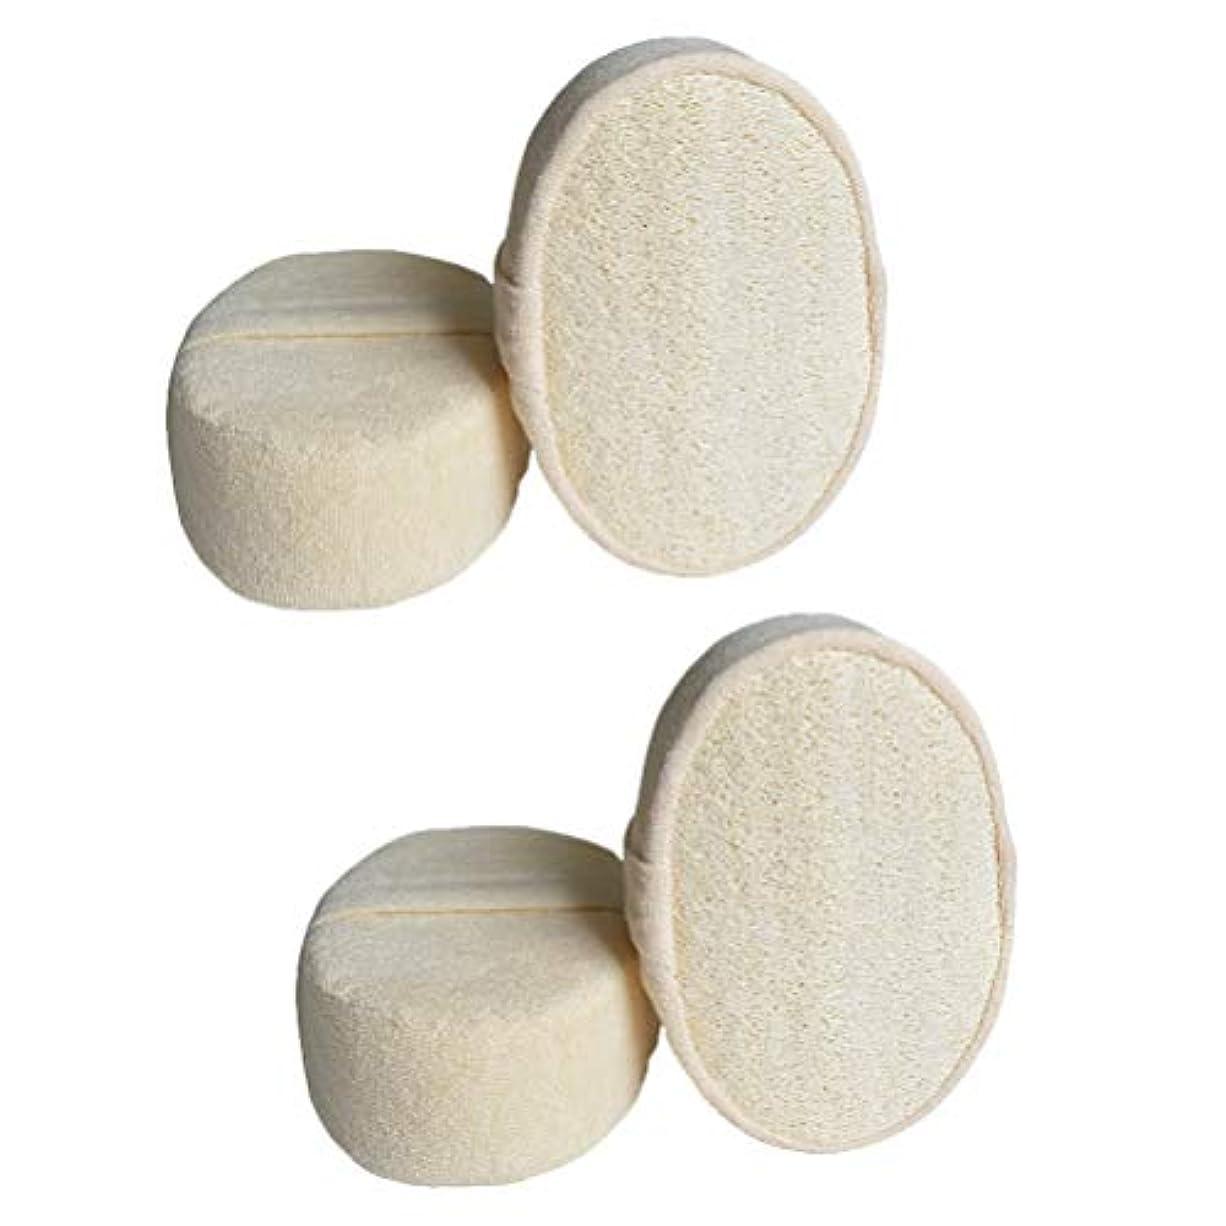 に勝る考慮絡まるHealifty 4ピース剥離剥離剤パッドloofaスポンジスクラバーブラシ用風呂スパシャワー